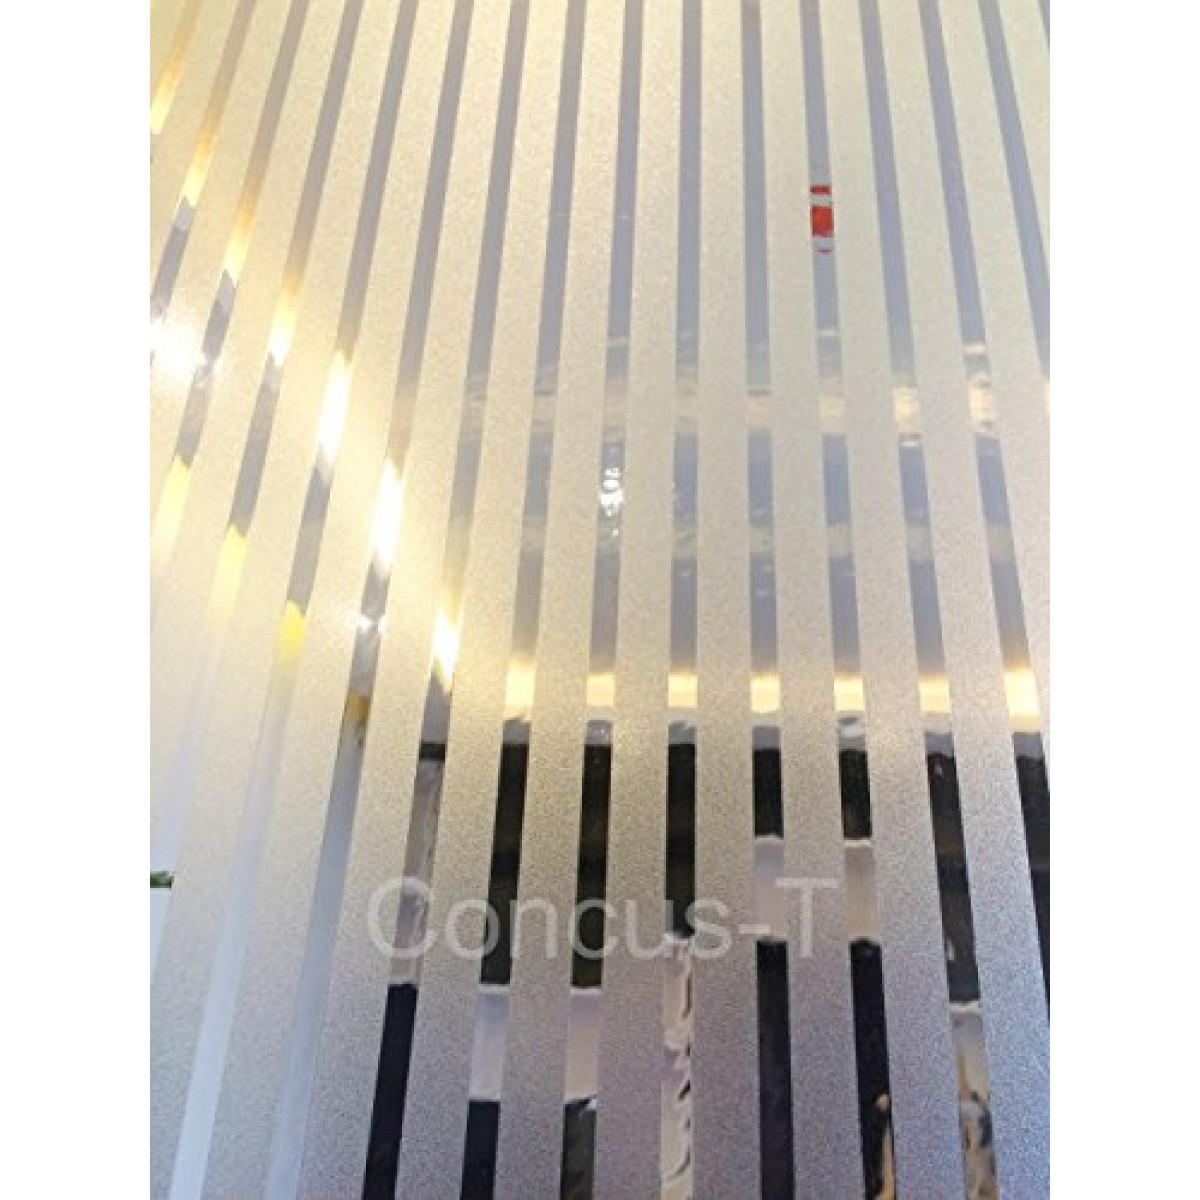 Full Size of Sichtschutzfolie Fenster Einseitig Durchsichtig Streifen Veka Sonnenschutz Innen Rc 2 Folien Für Mit Lüftung Einbruchschutz Nachrüsten Internorm Preise Fenster Sichtschutzfolie Fenster Einseitig Durchsichtig